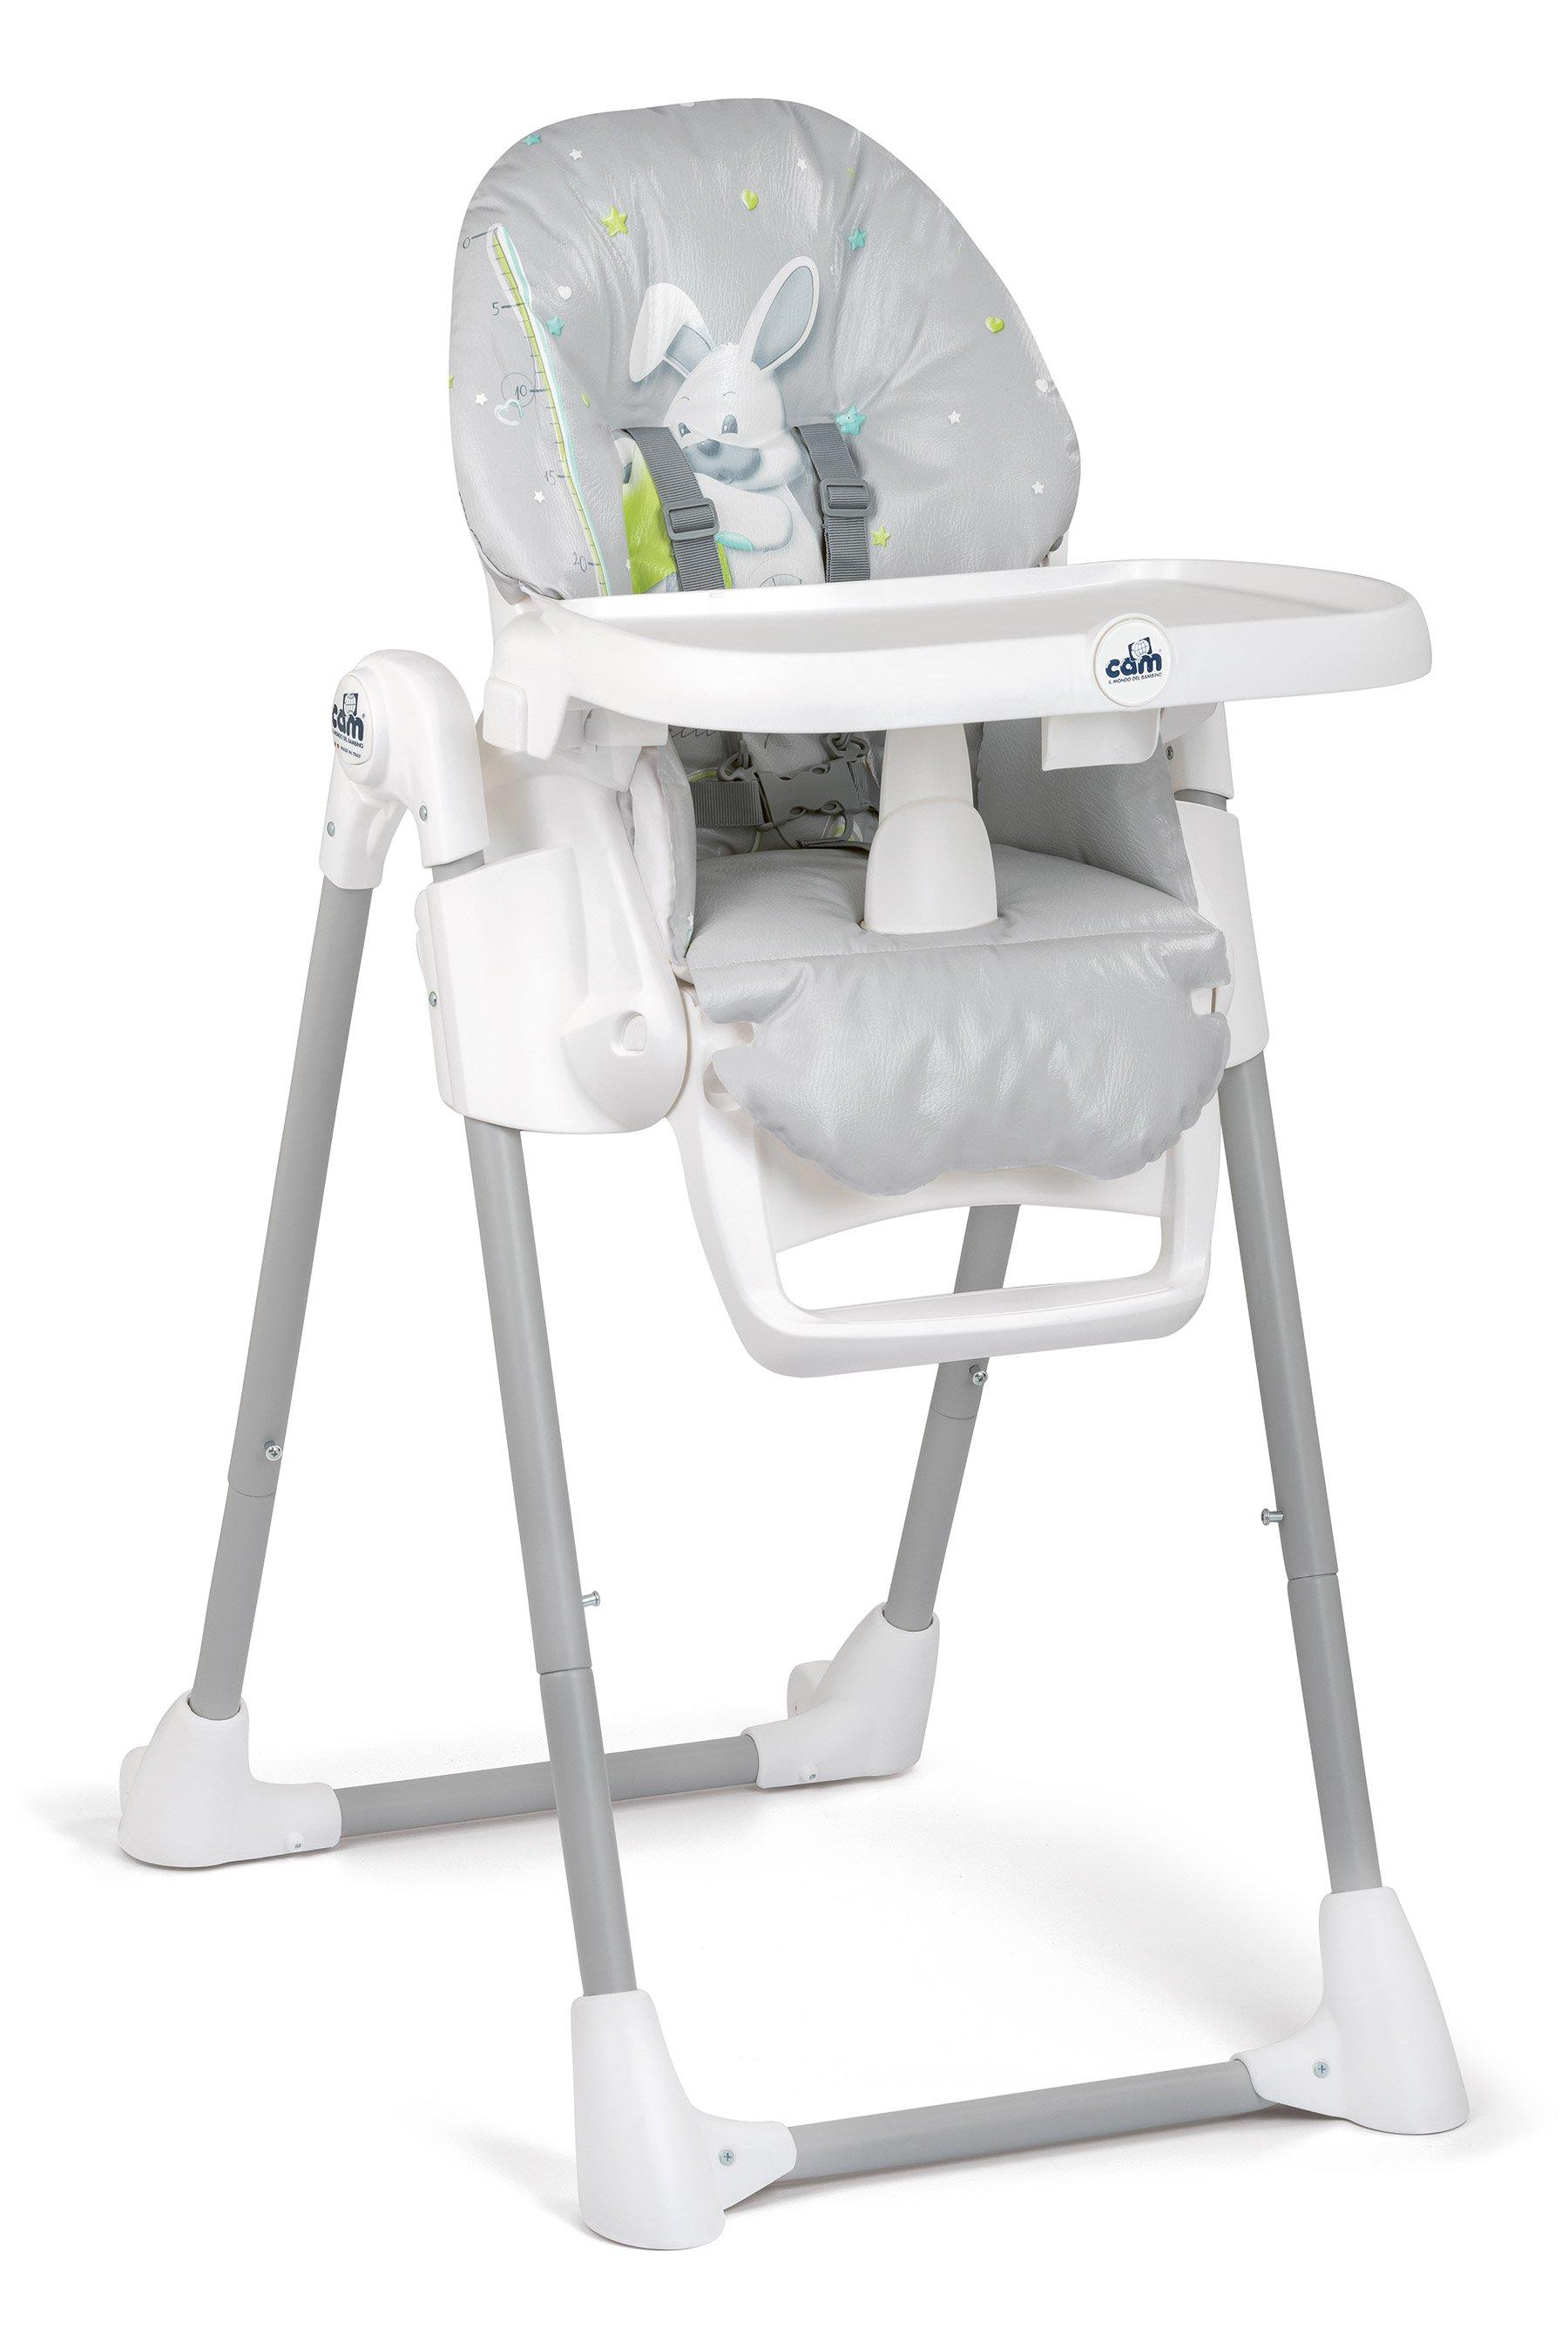 PAPPANANNA C242 Bērnu barošanas krēsliņš